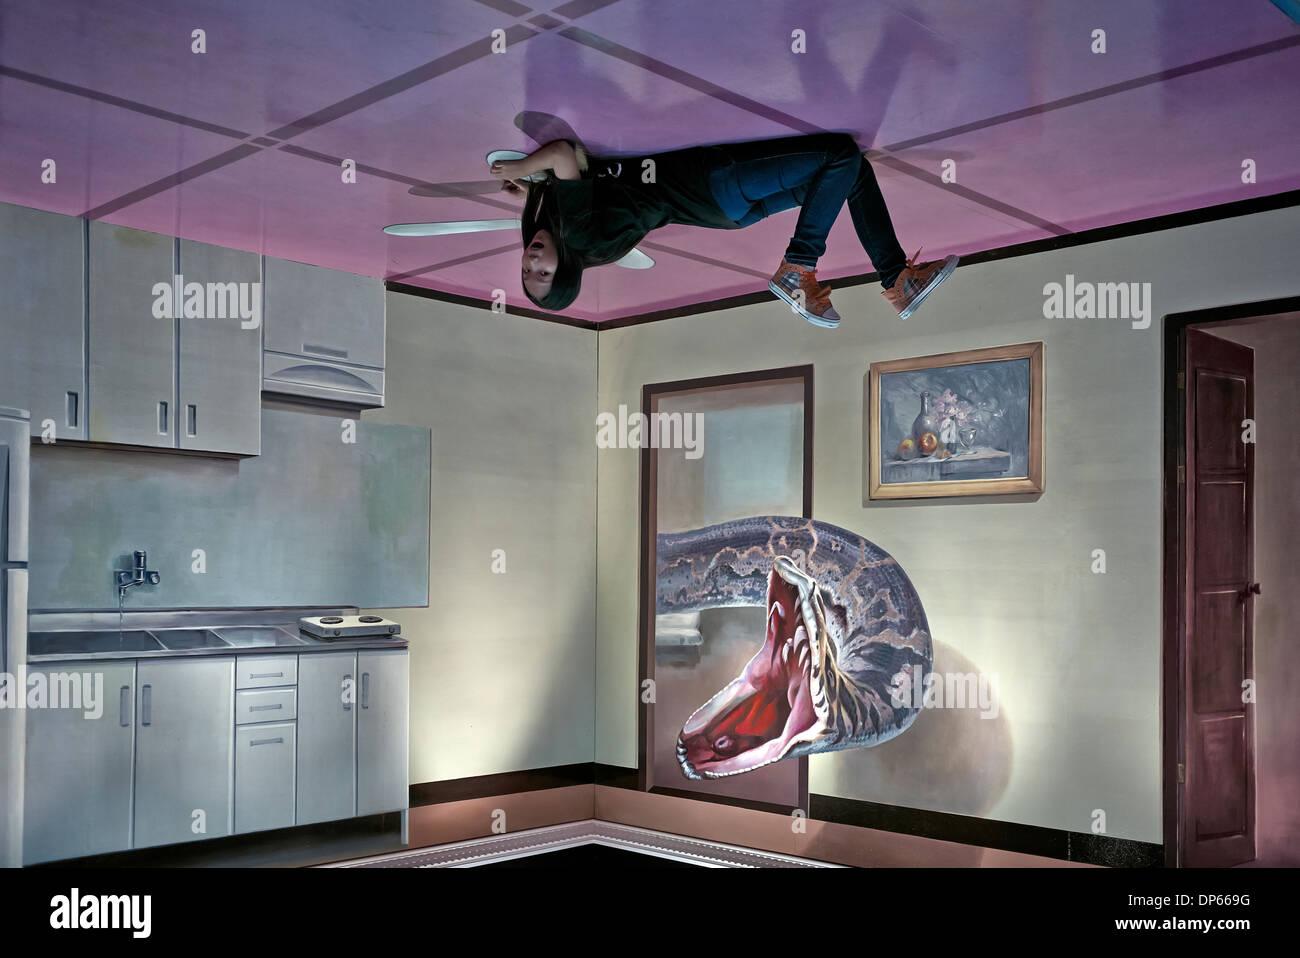 D Illusion Exhibition : Kunst und optische täuschung d malerei trick museum